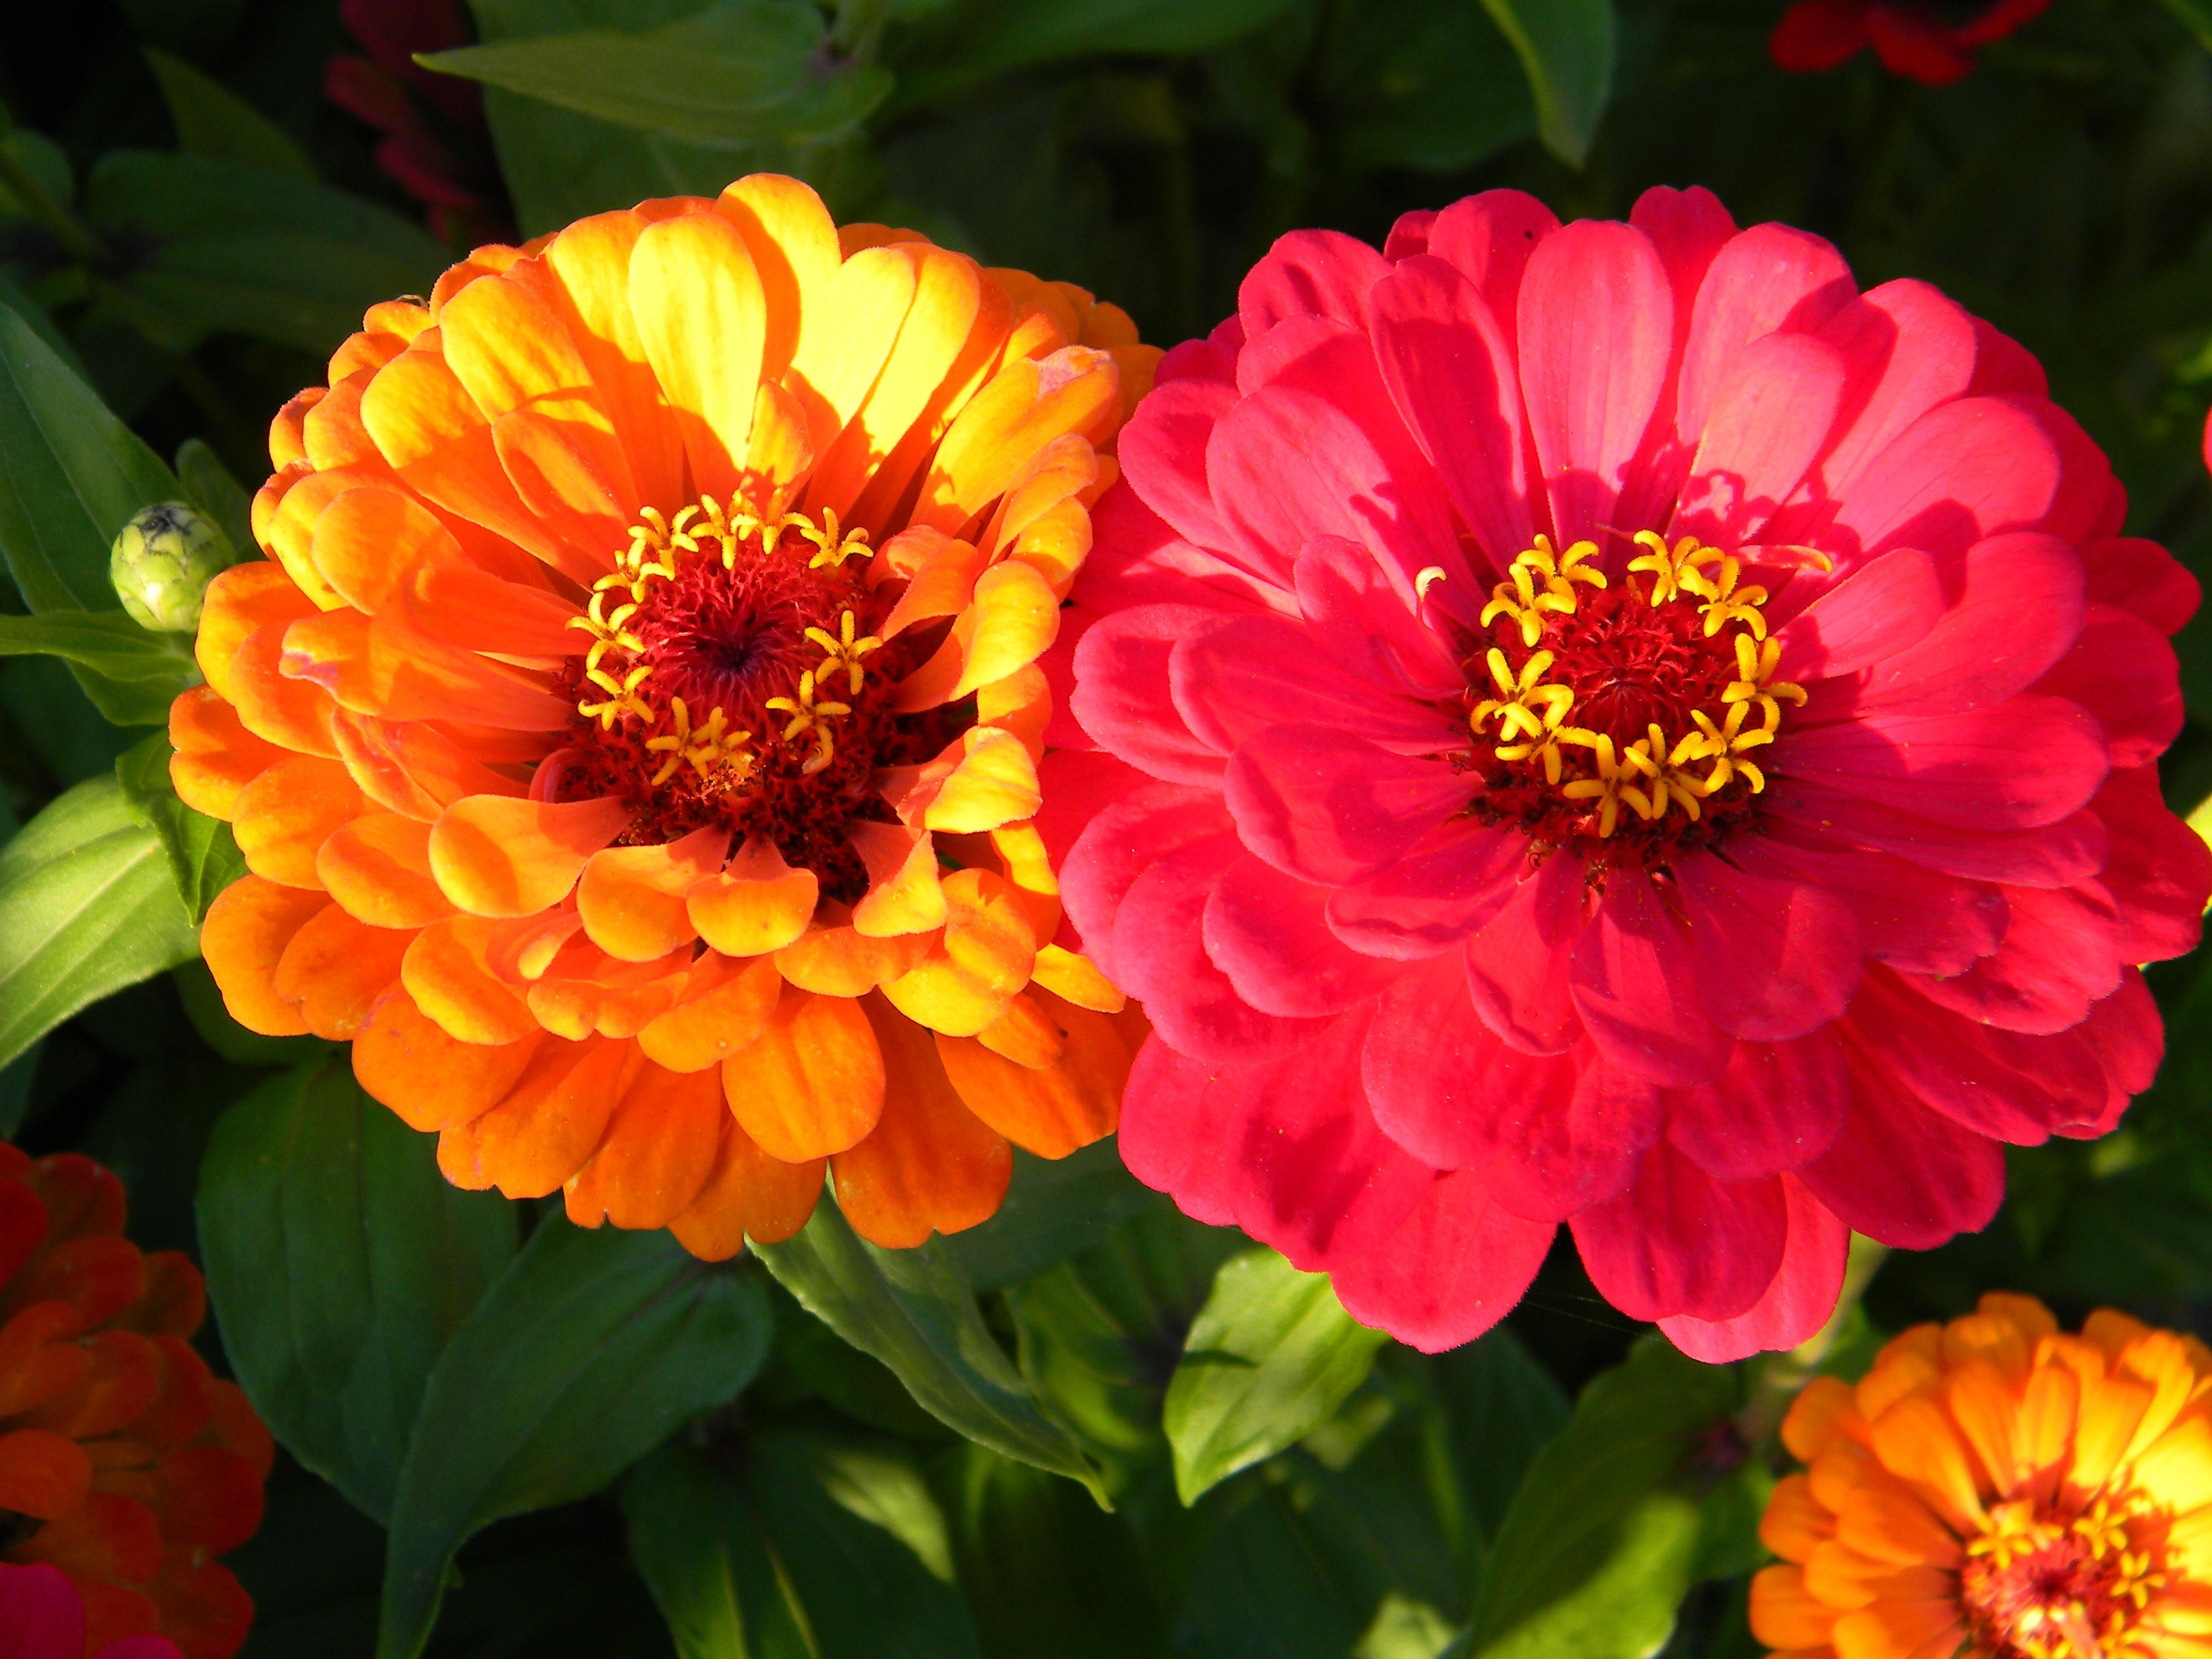 Названия садовых цветов цветущих до сентября